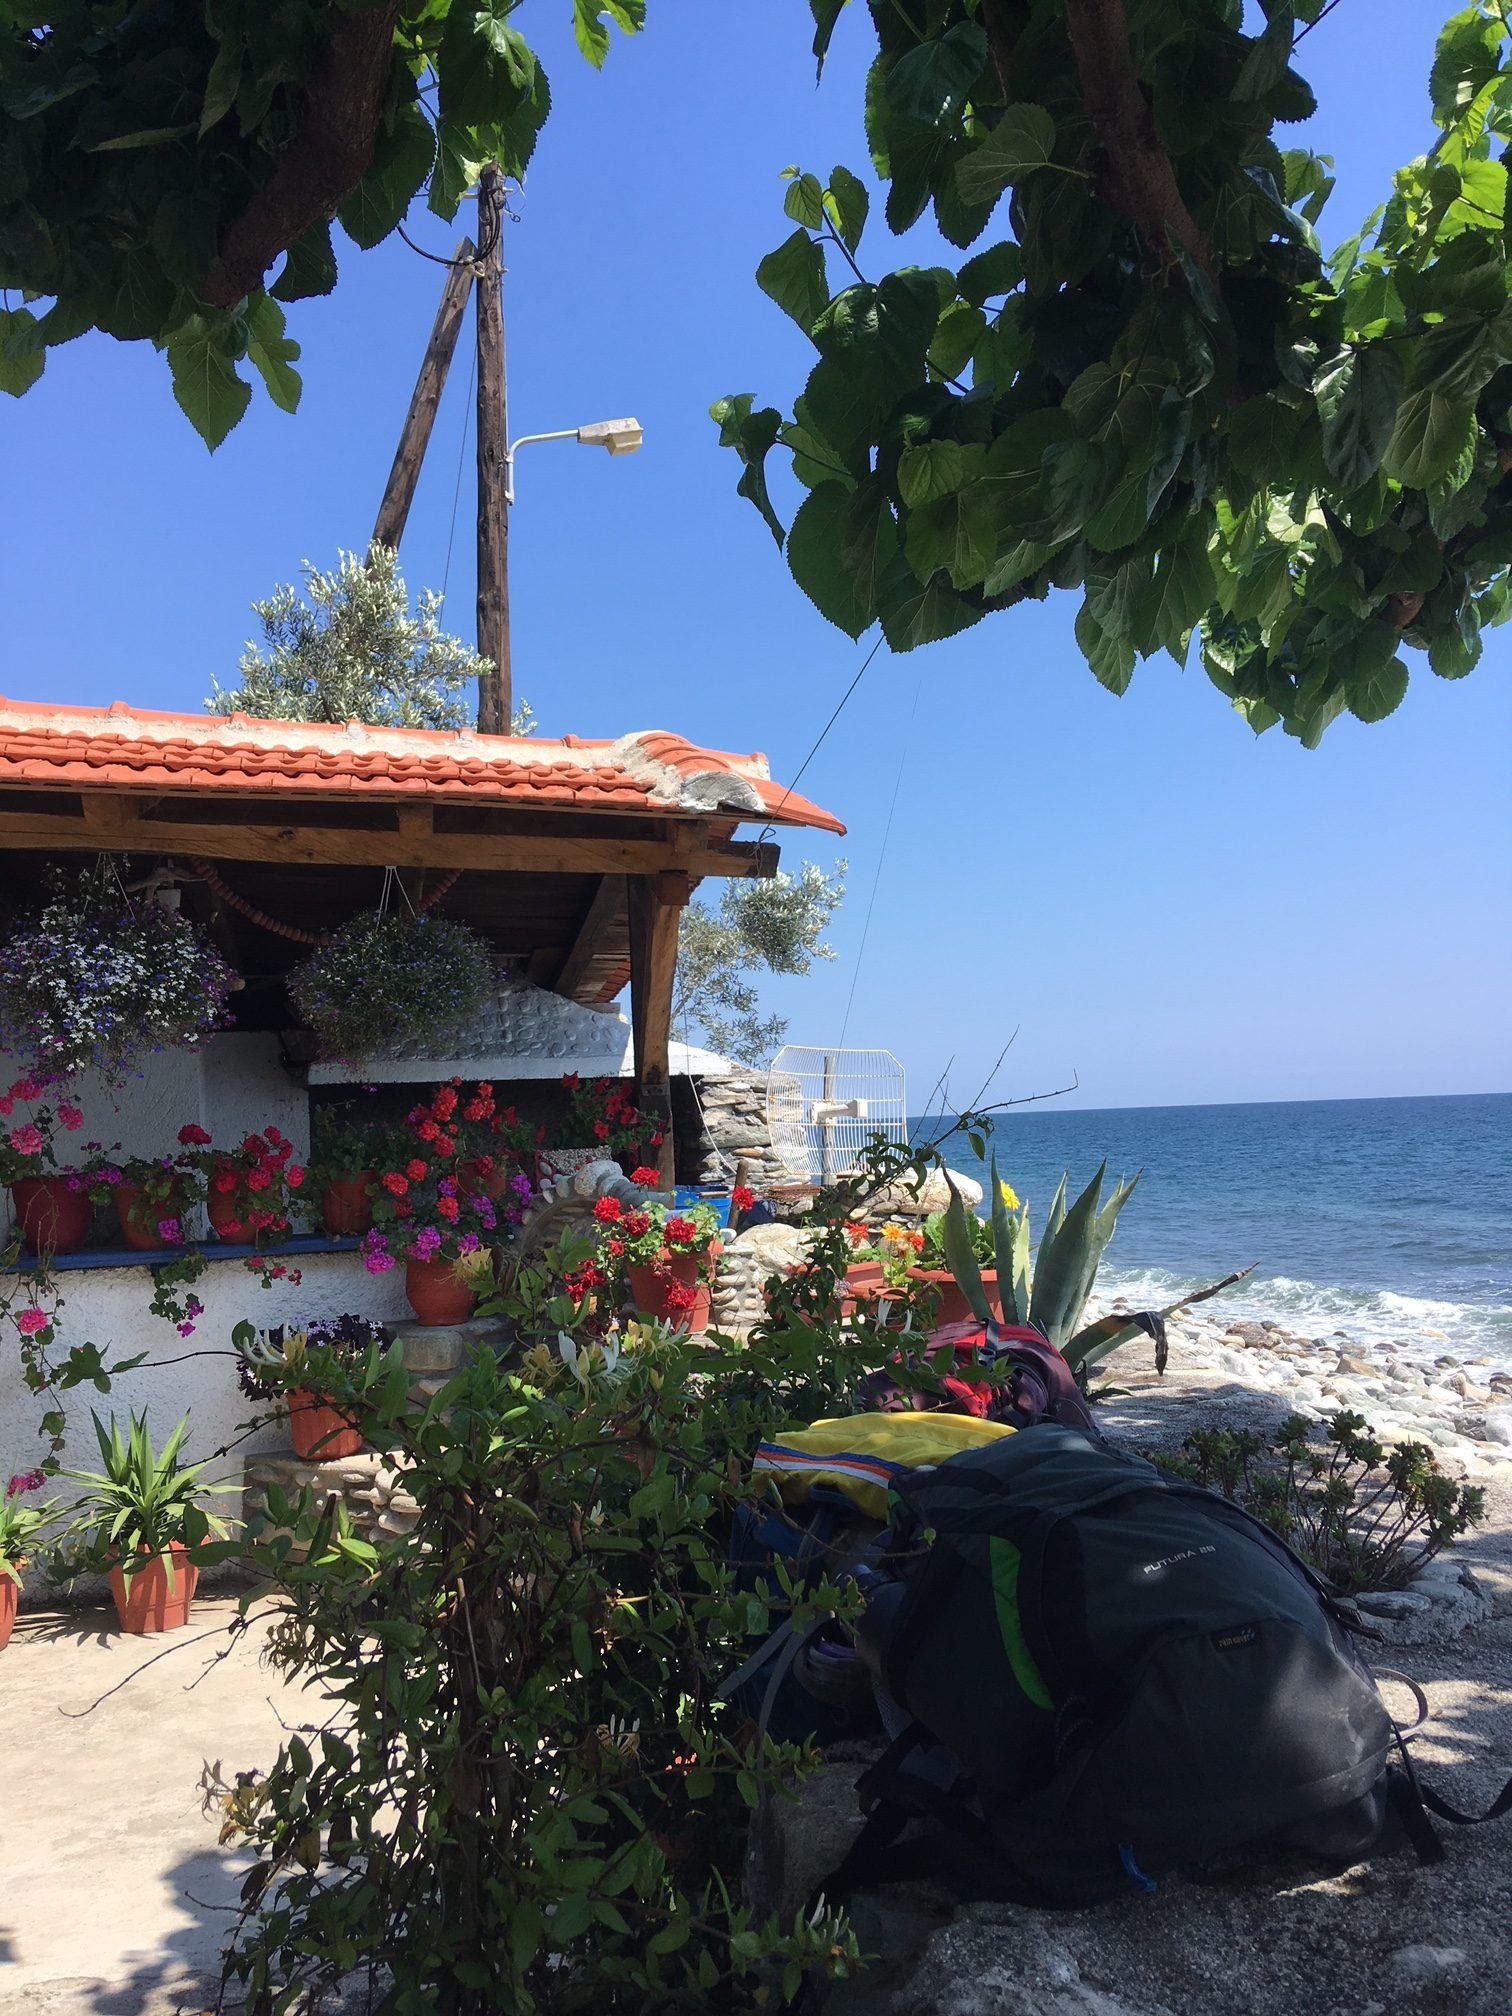 Eine Taverne direkt am Meer. Mit zahlreichen roten Geranien vor dem Fischgrill